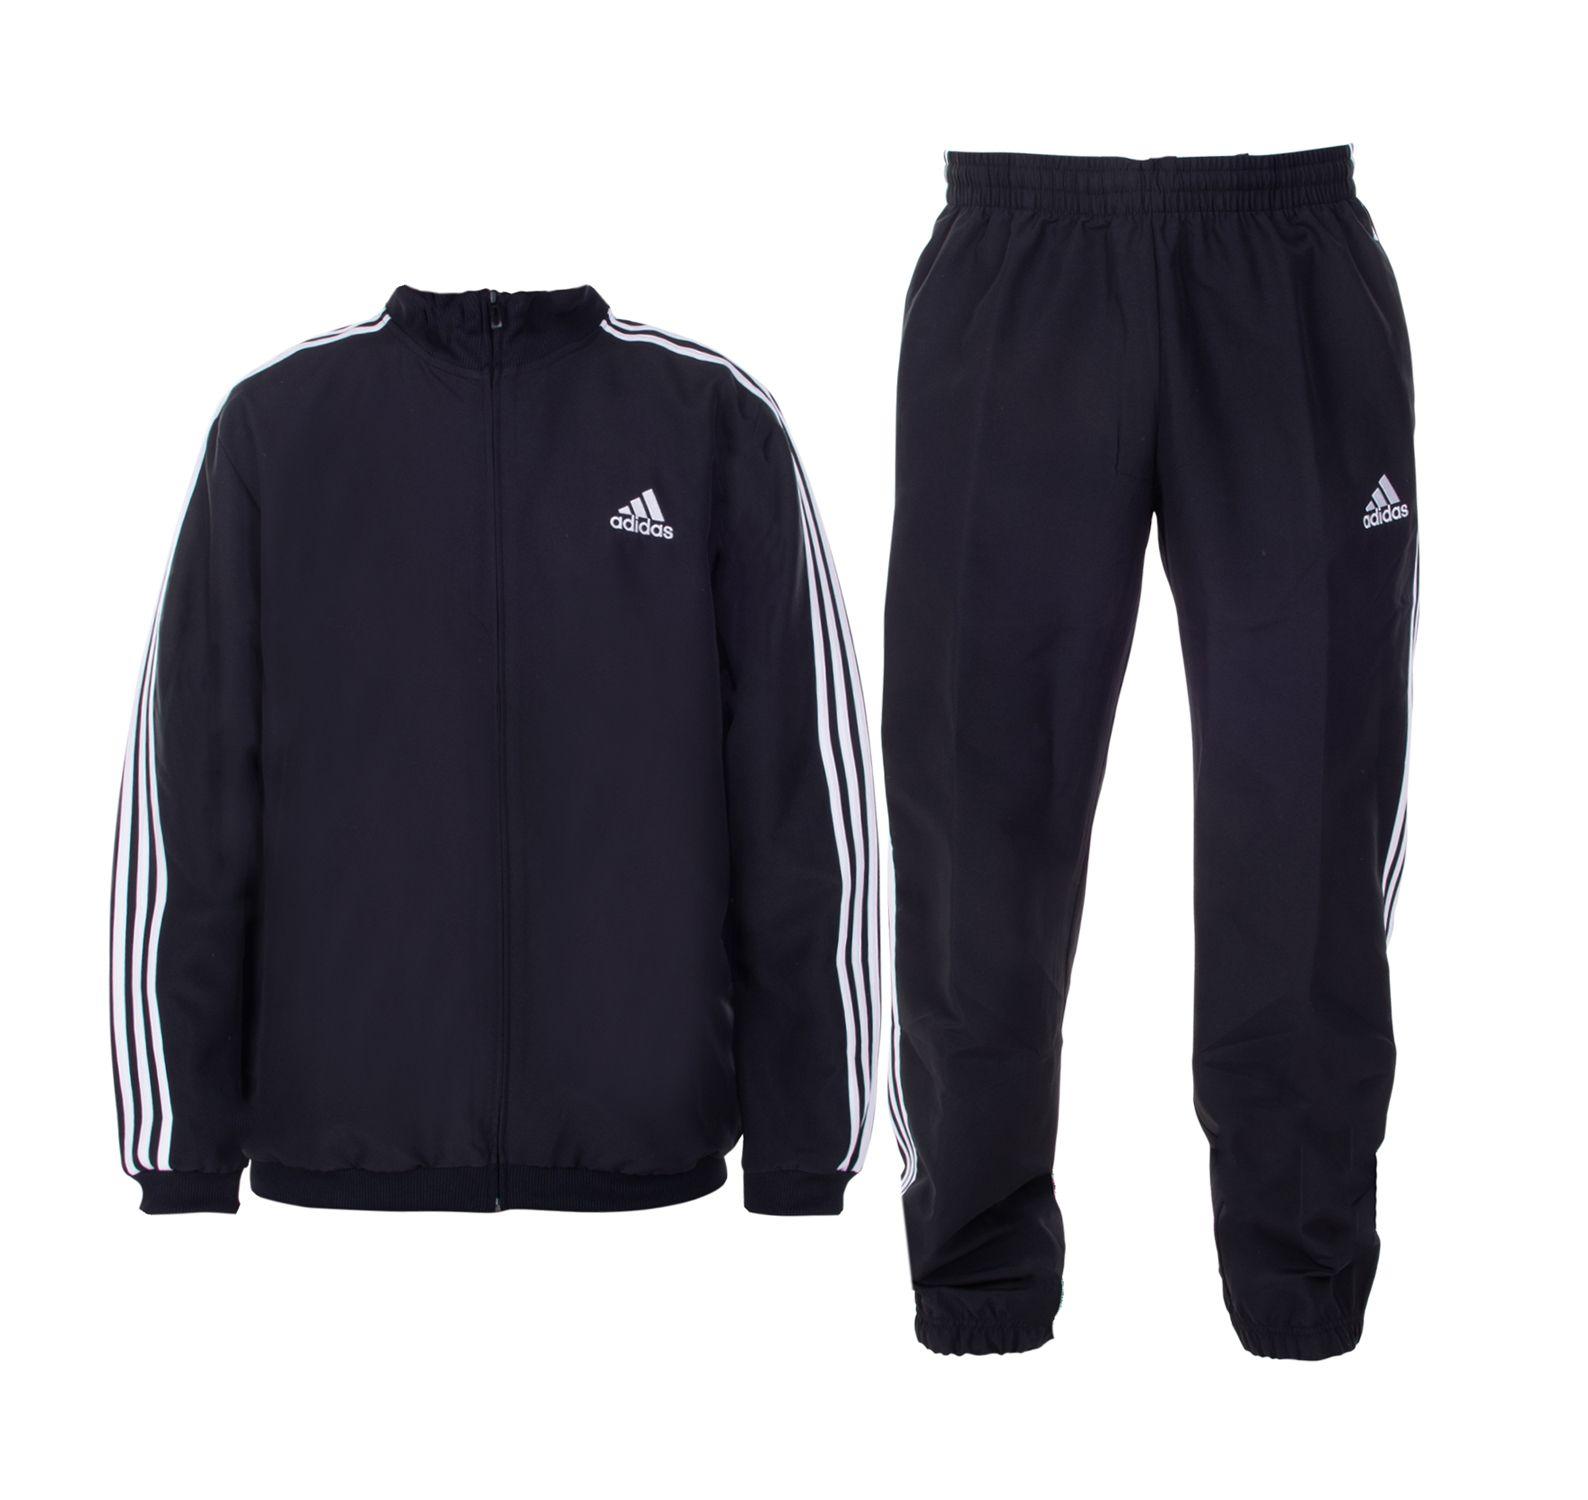 M 3s Wv Tt Ts, Black/White, 2,  Adidas